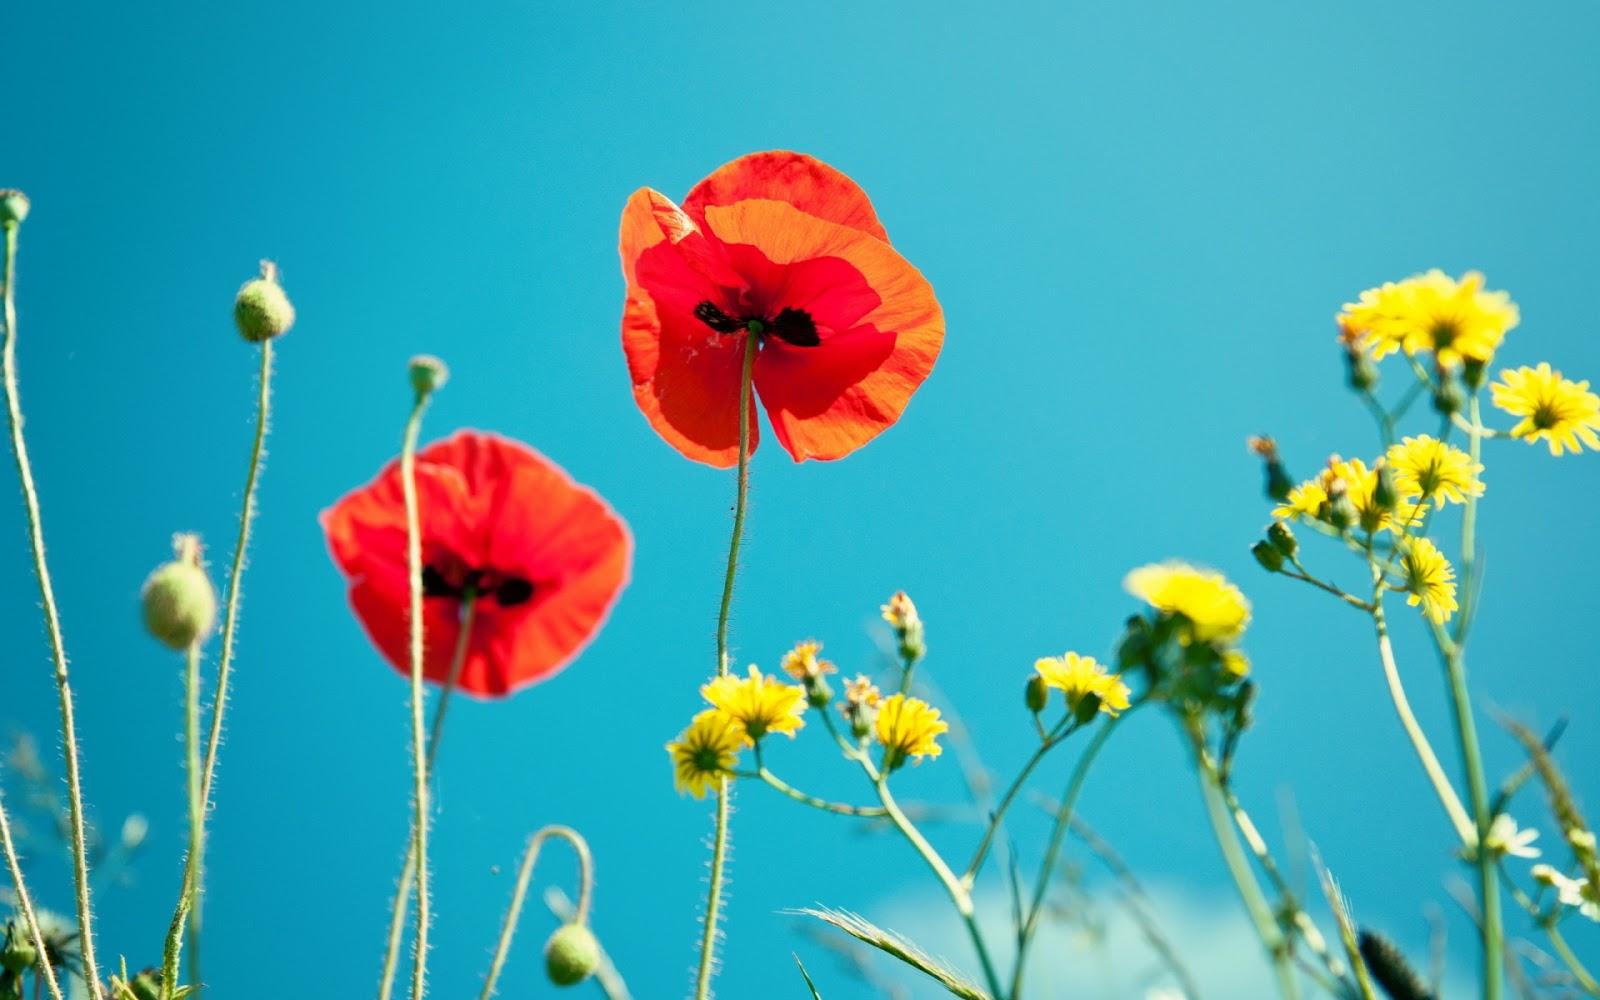 Les plus beau fond ecran fleurs fond ecran pc for Beau fond ecran gratuit